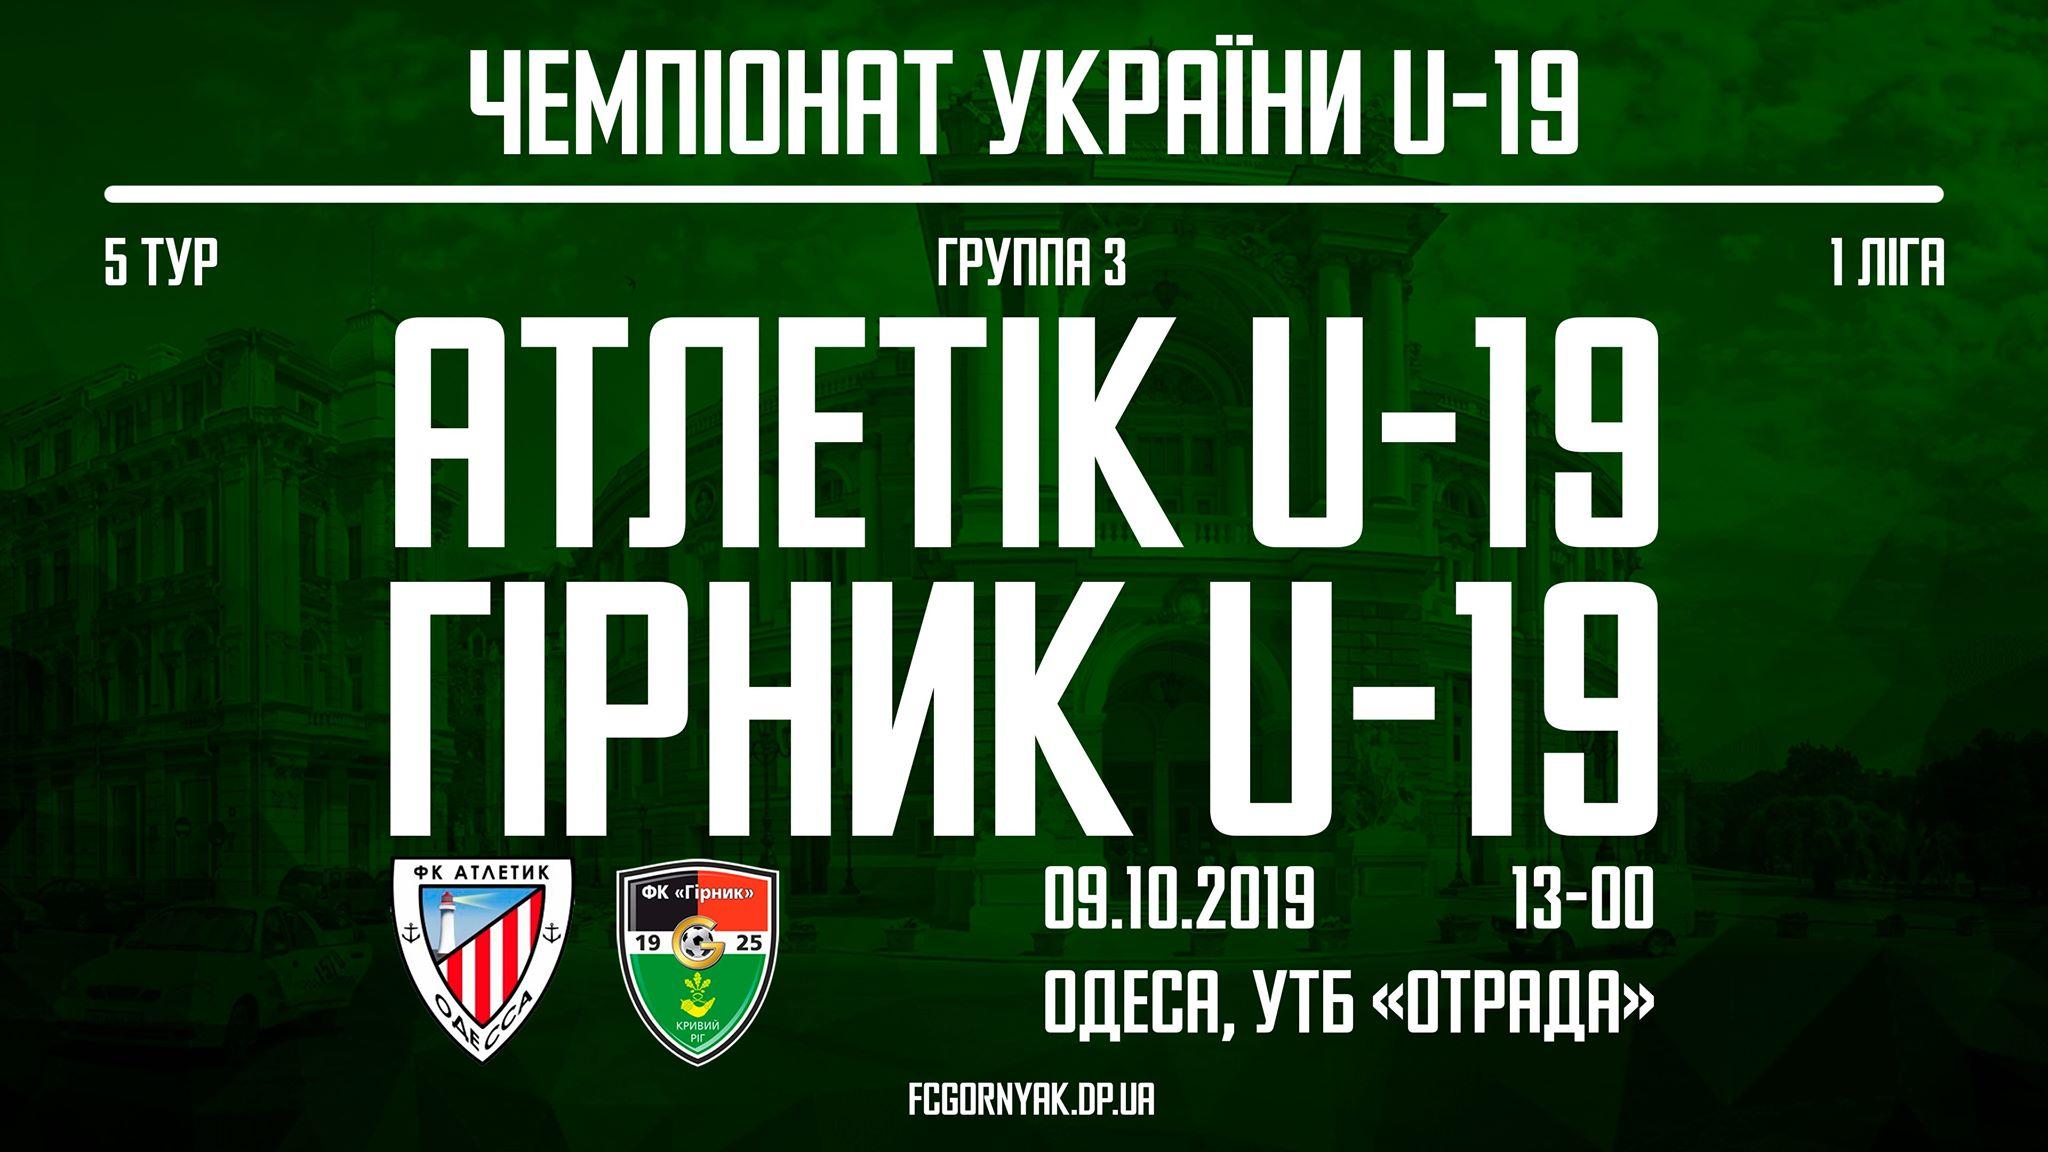 """""""Атлетик U-19"""" - """"Горняк U-19"""": детали матча"""